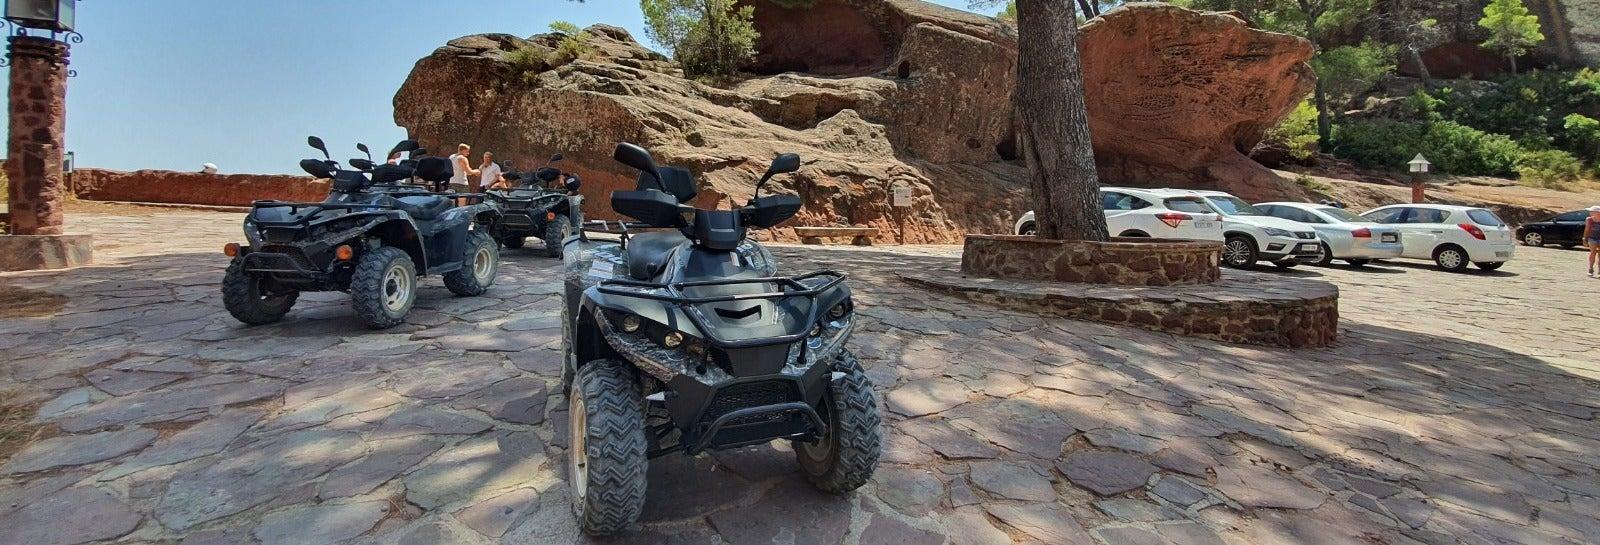 Tour en quad desde Salou